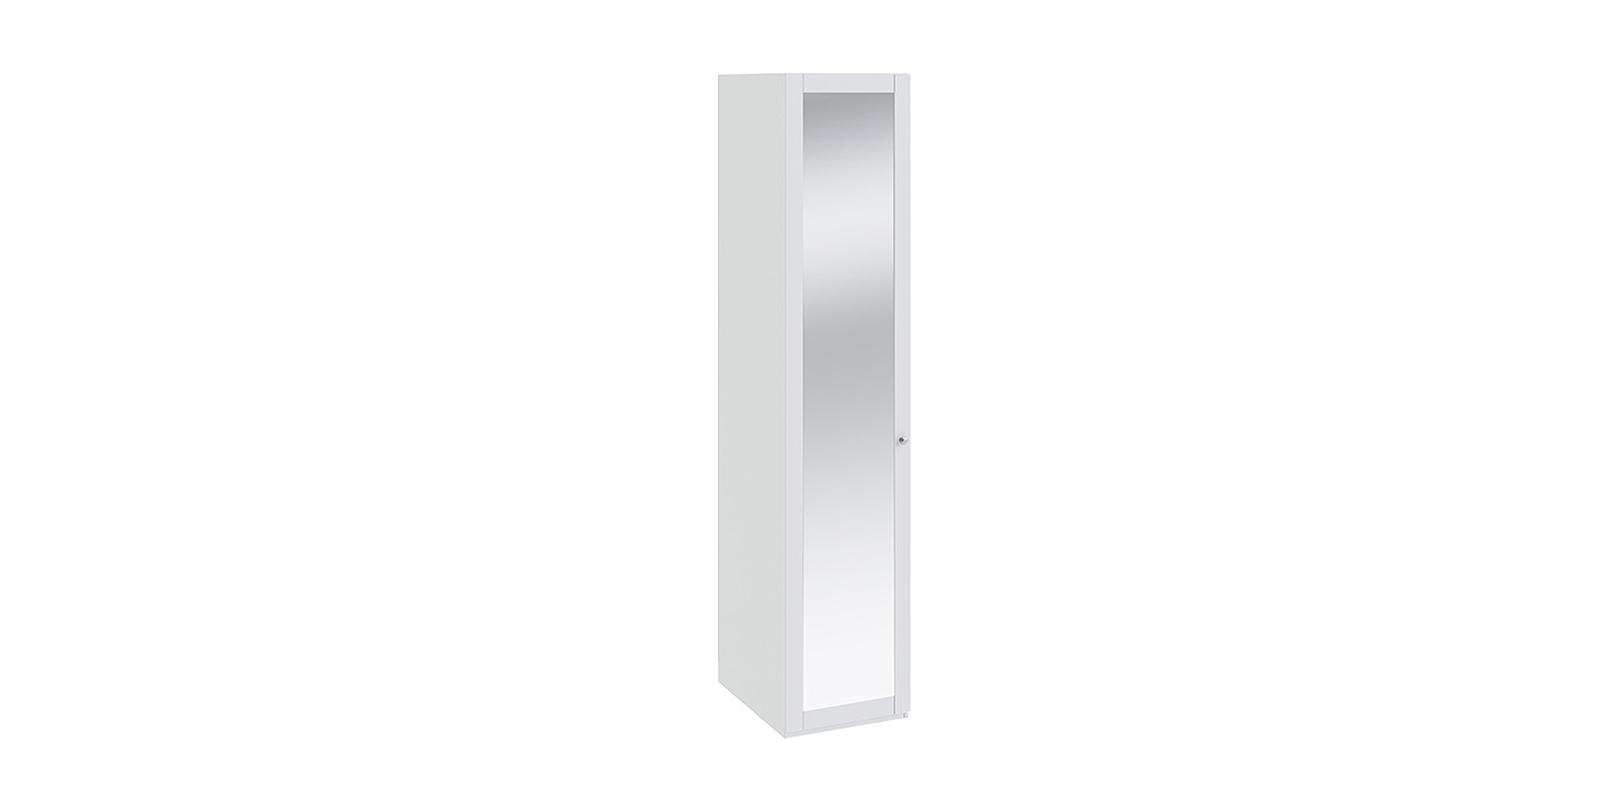 Шкаф распашной однодверный Мерида вариант №4 (белый/зеркало)